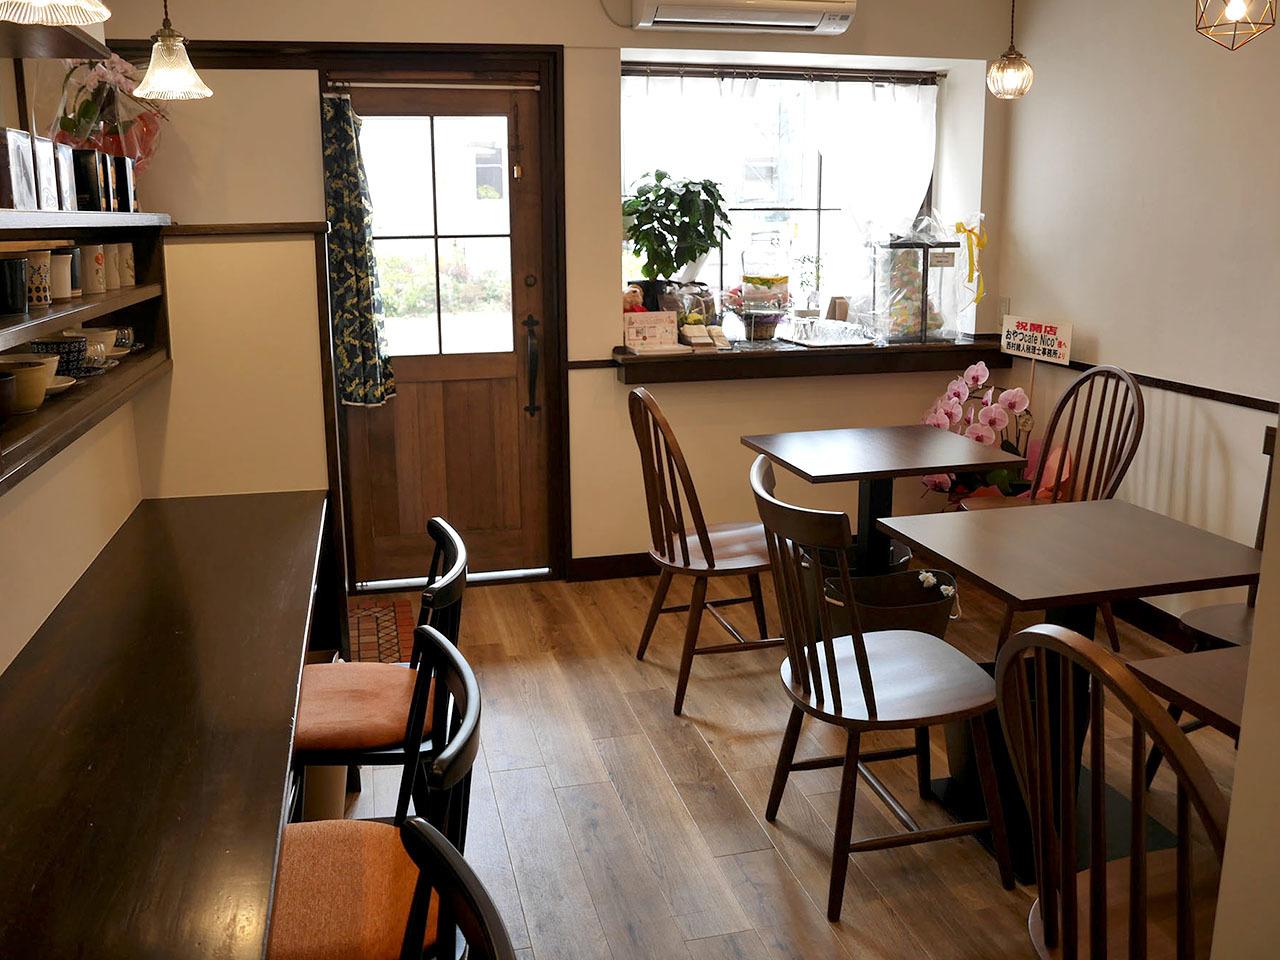 明石市荷山町|「おやつcafe Nico+」さん 2020年4月15日オープン!_a0129705_03054738.jpg